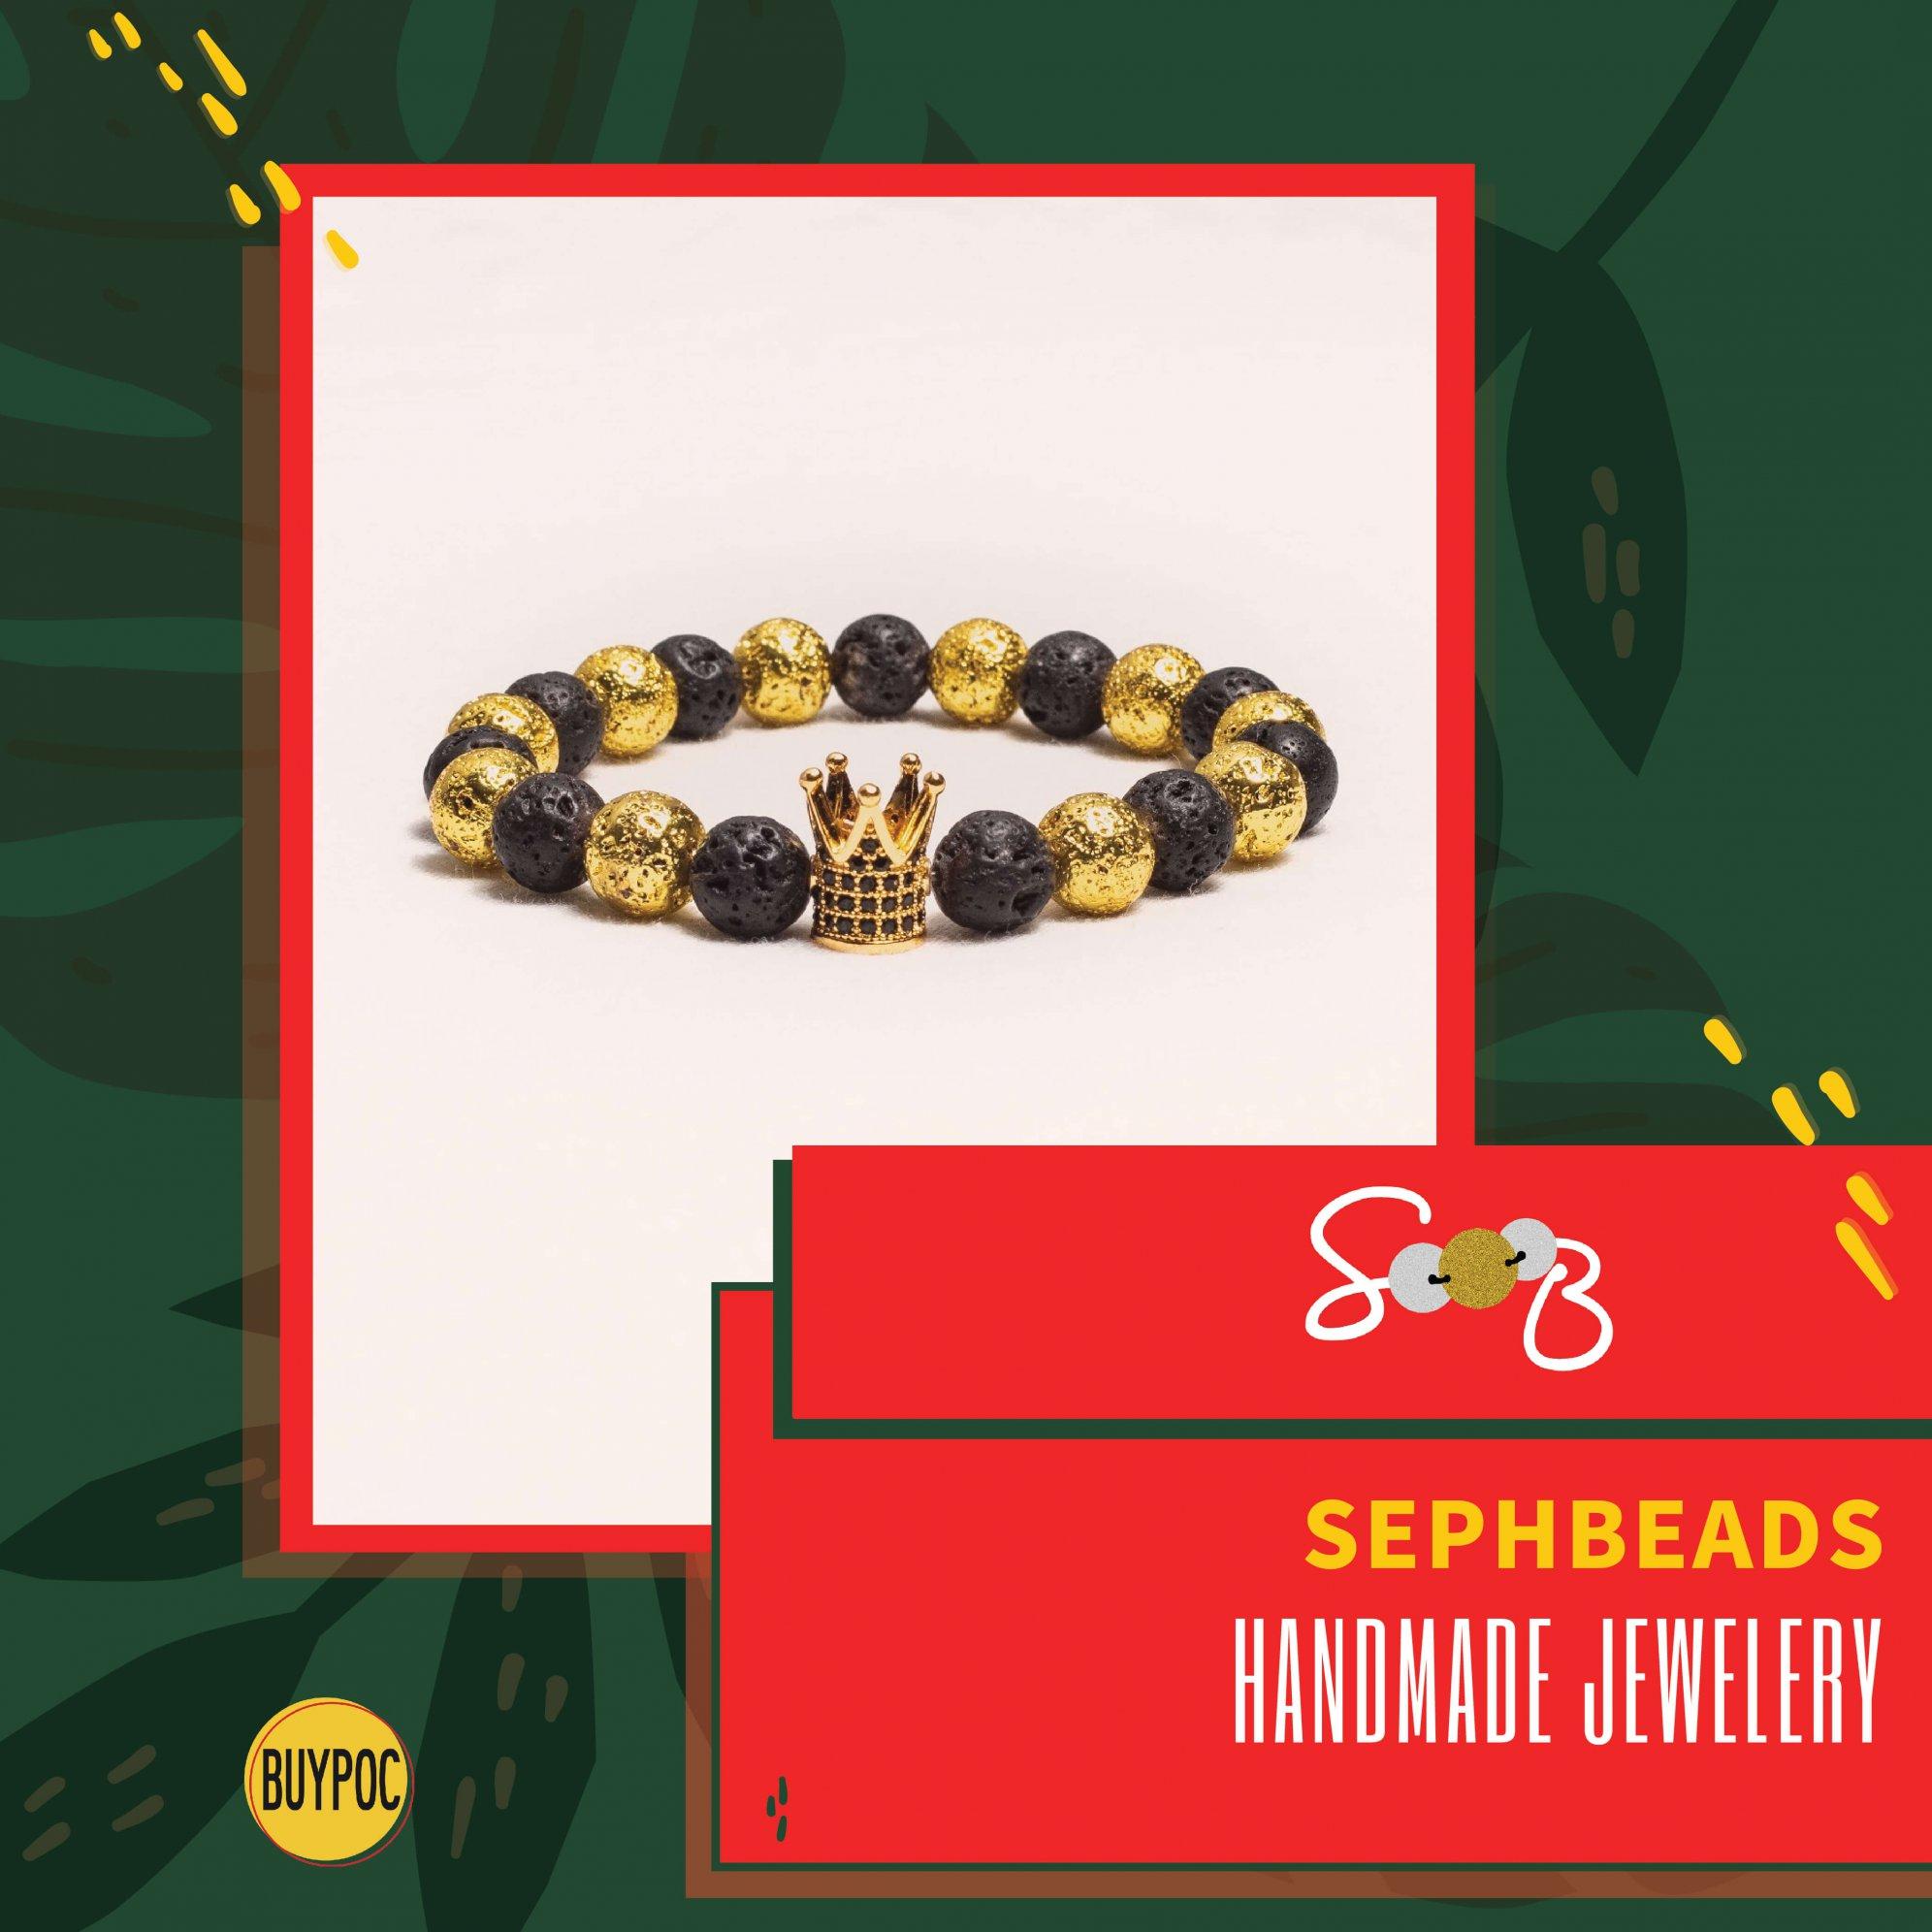 Sephbeads